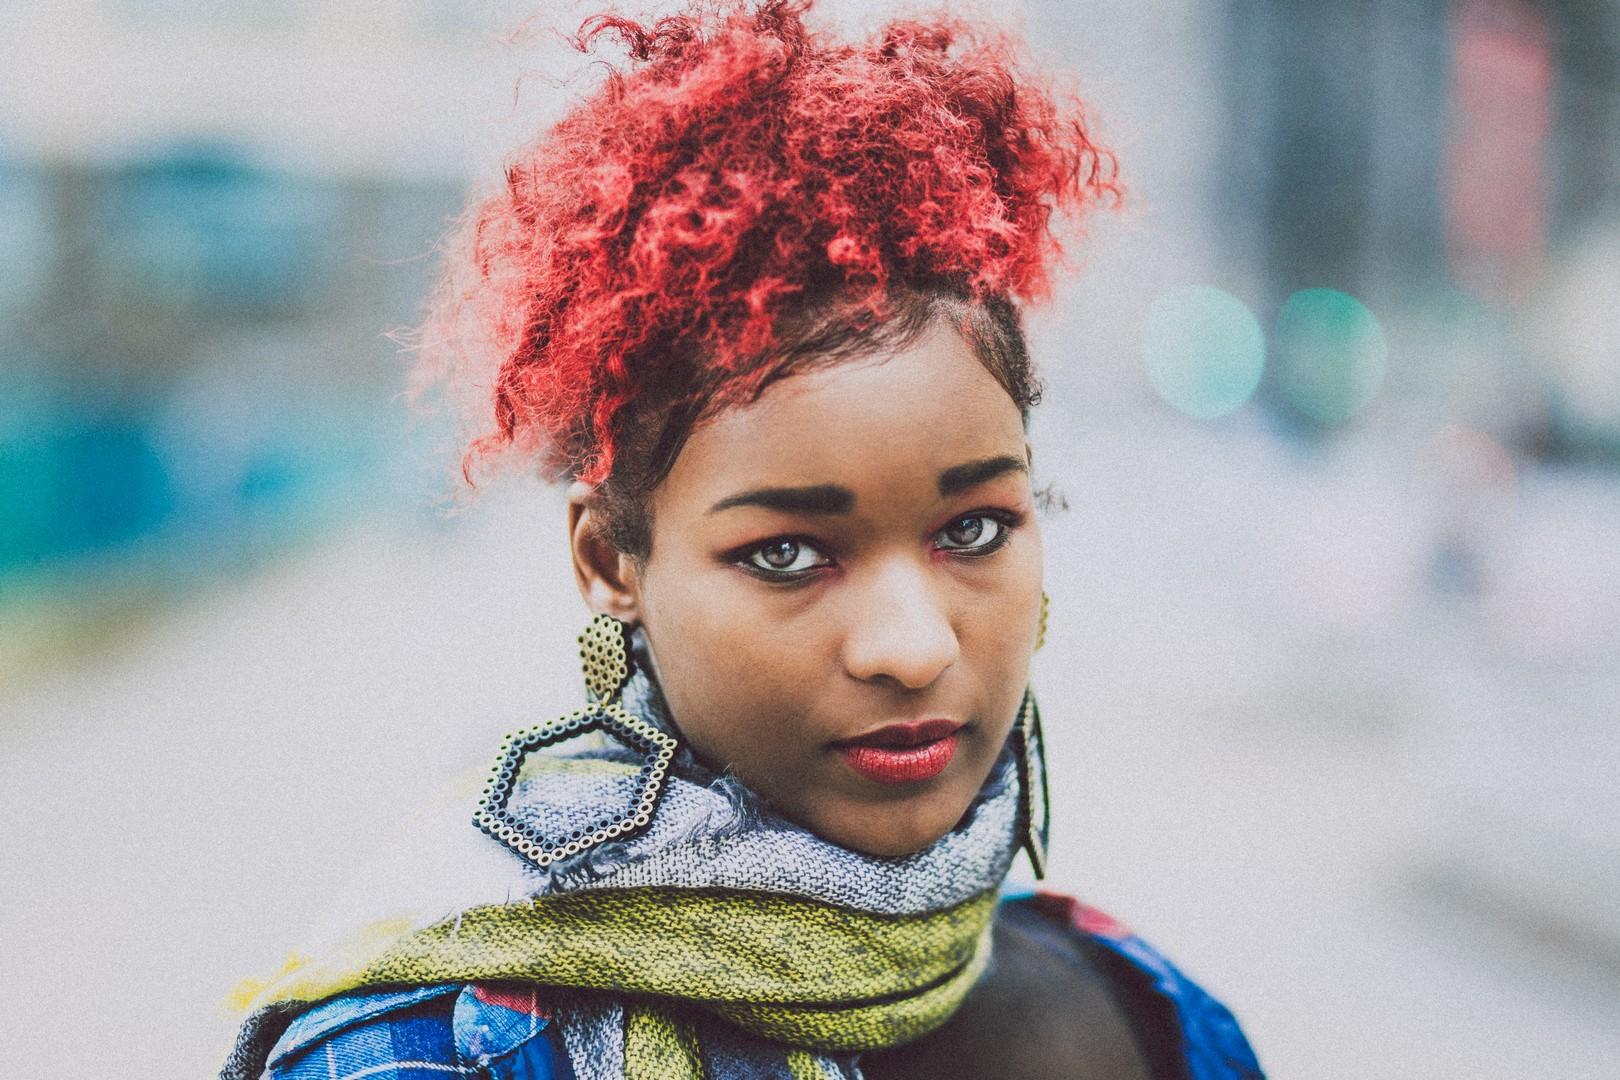 coque 8 - Todo tipo de coque! Inspire-se nas mais diferentes formas de usar esse penteado mega versátil!